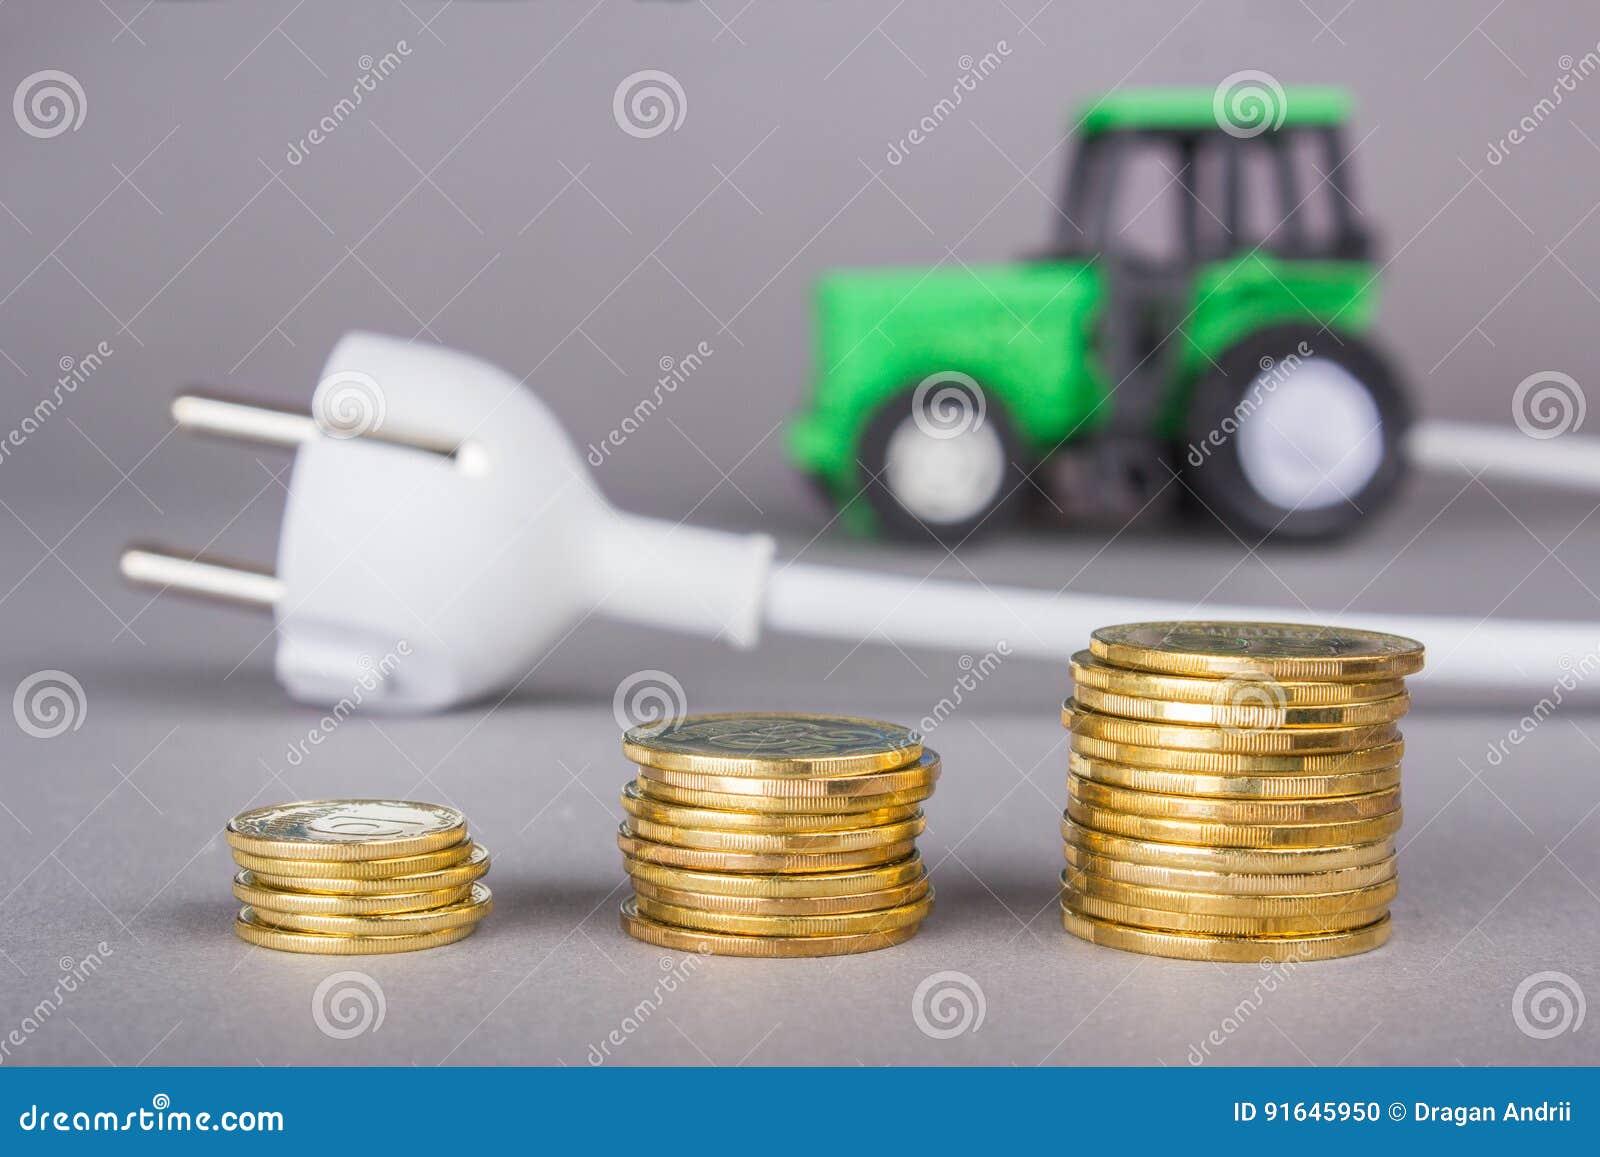 Le tracteur électrique est chargé du débouché Ecotech à la ferme Une pile de pièces de monnaie, l épargne